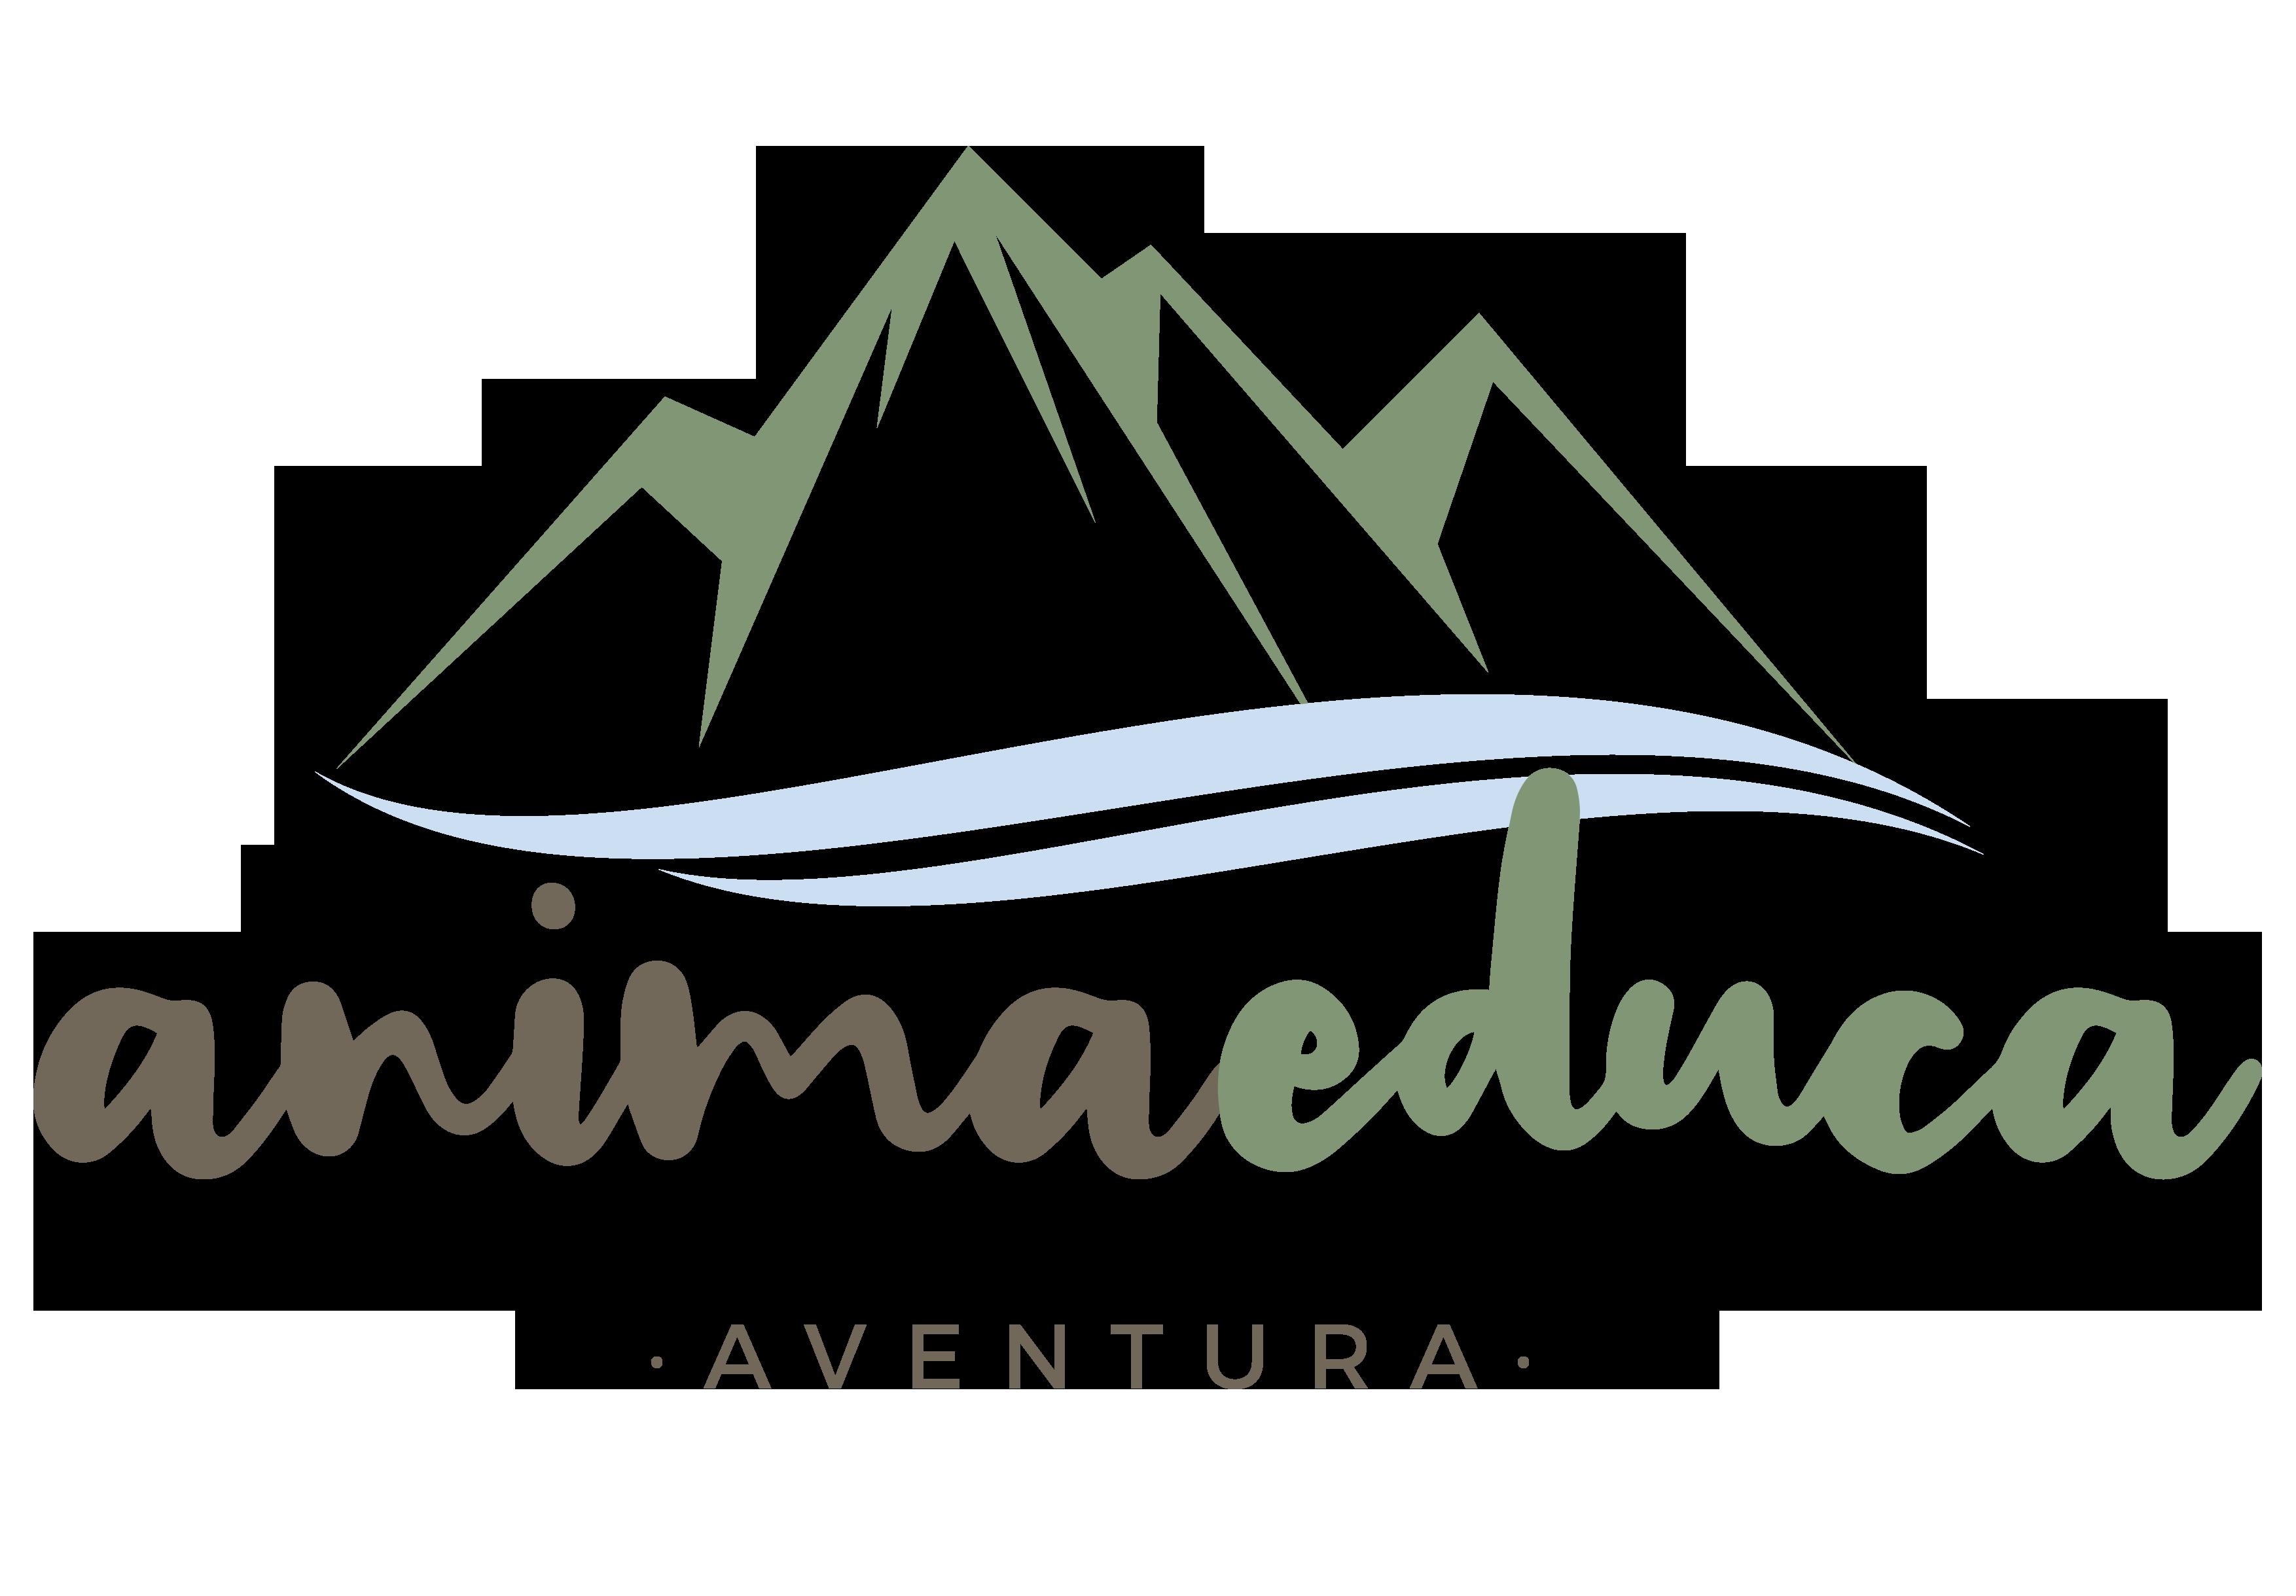 AVENTURA_COLOR